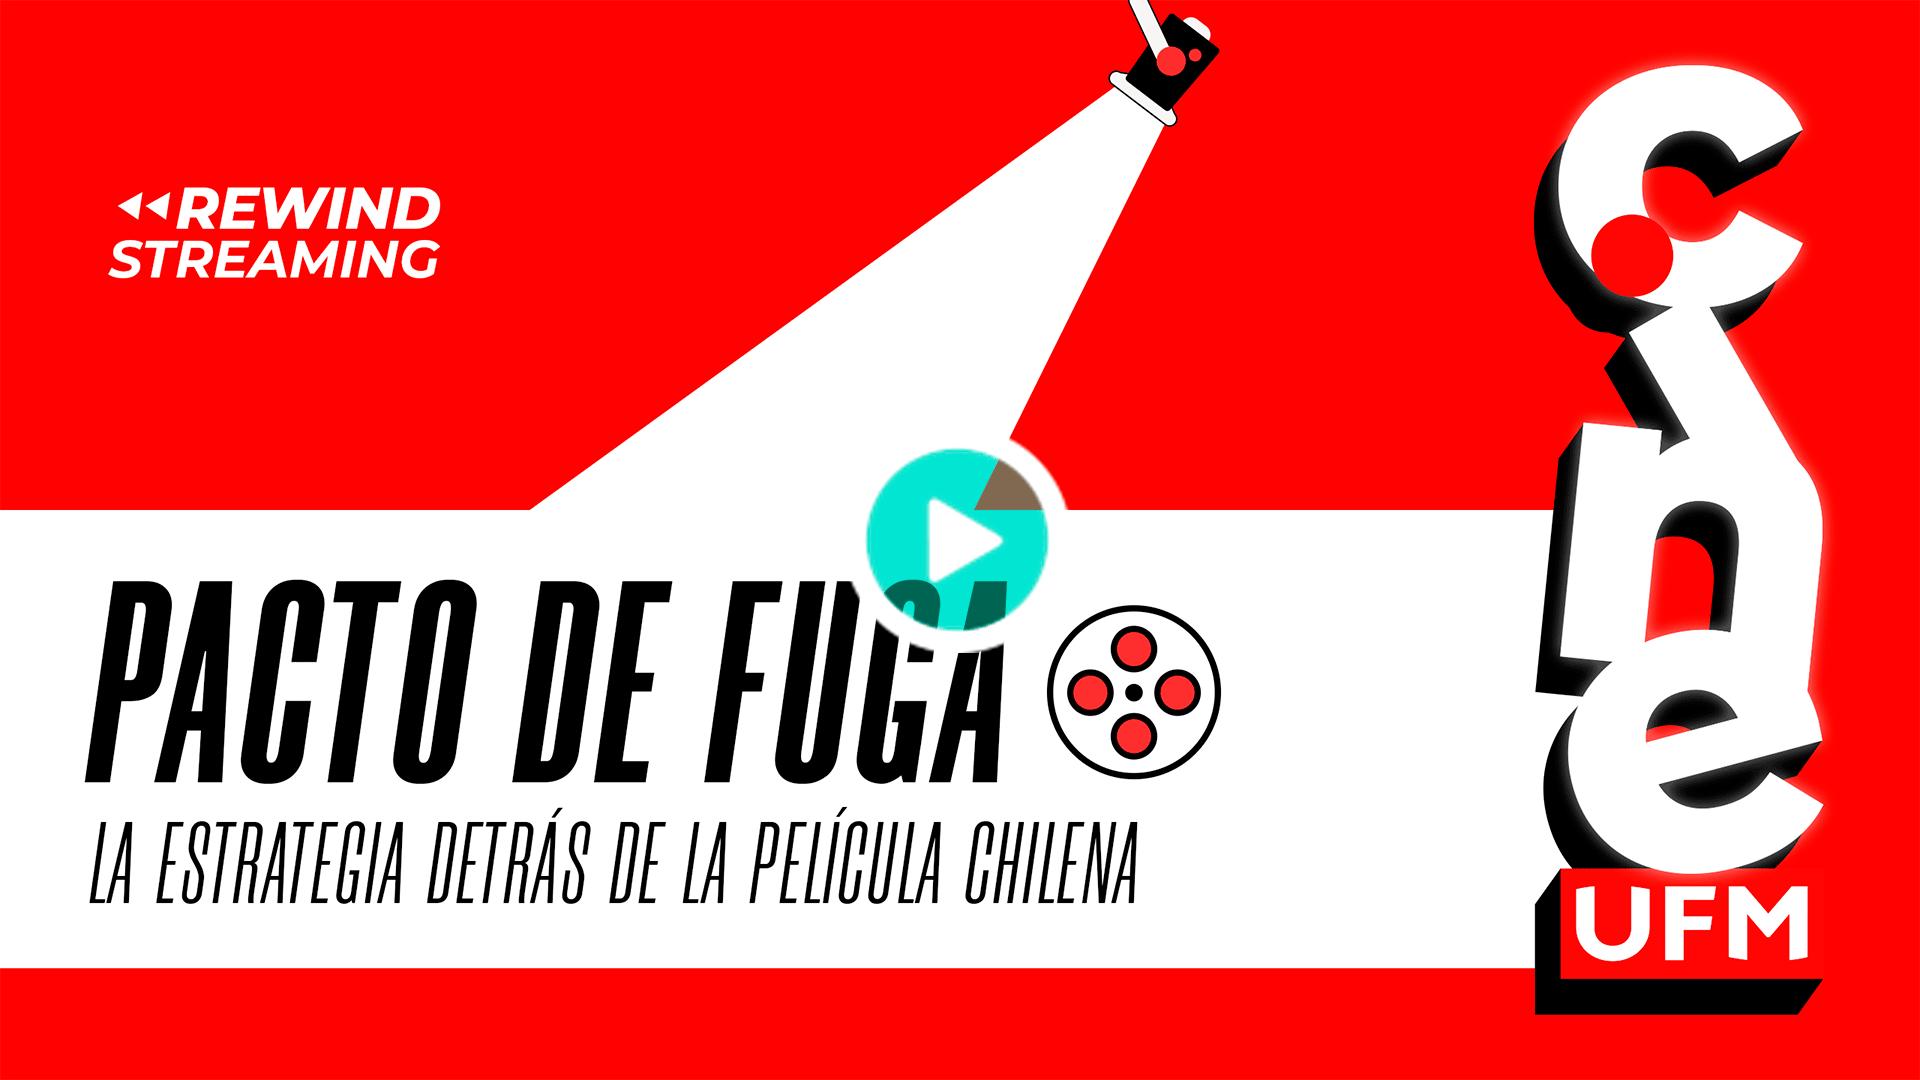 20200501_cineufmlive1_-Pacto-de-Fuga-(2020)-La-Estrategia-detrás-de-la-Película-Chilena